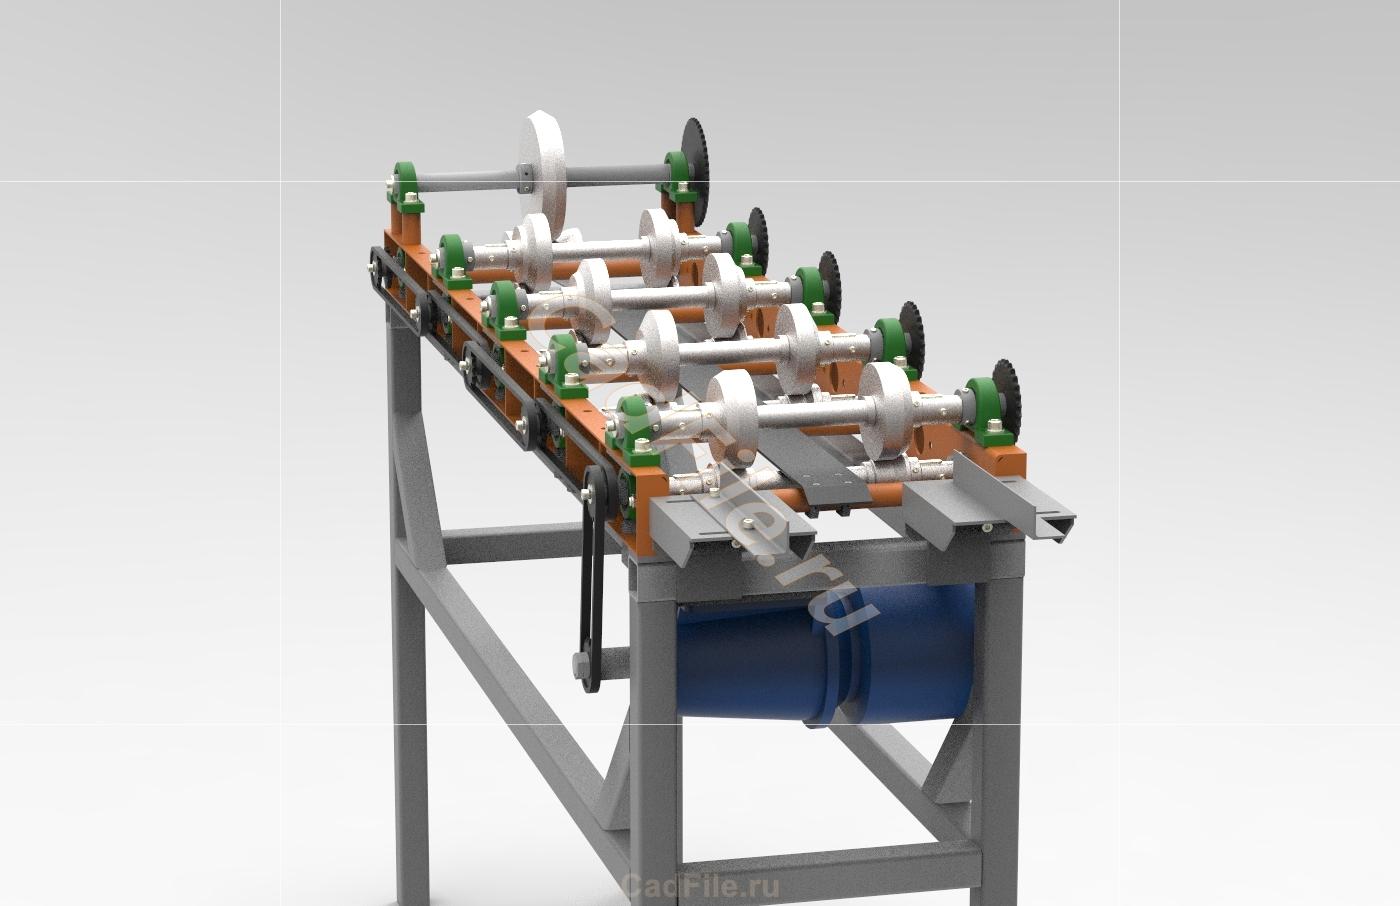 Прокатный станок 3D-модель скачать